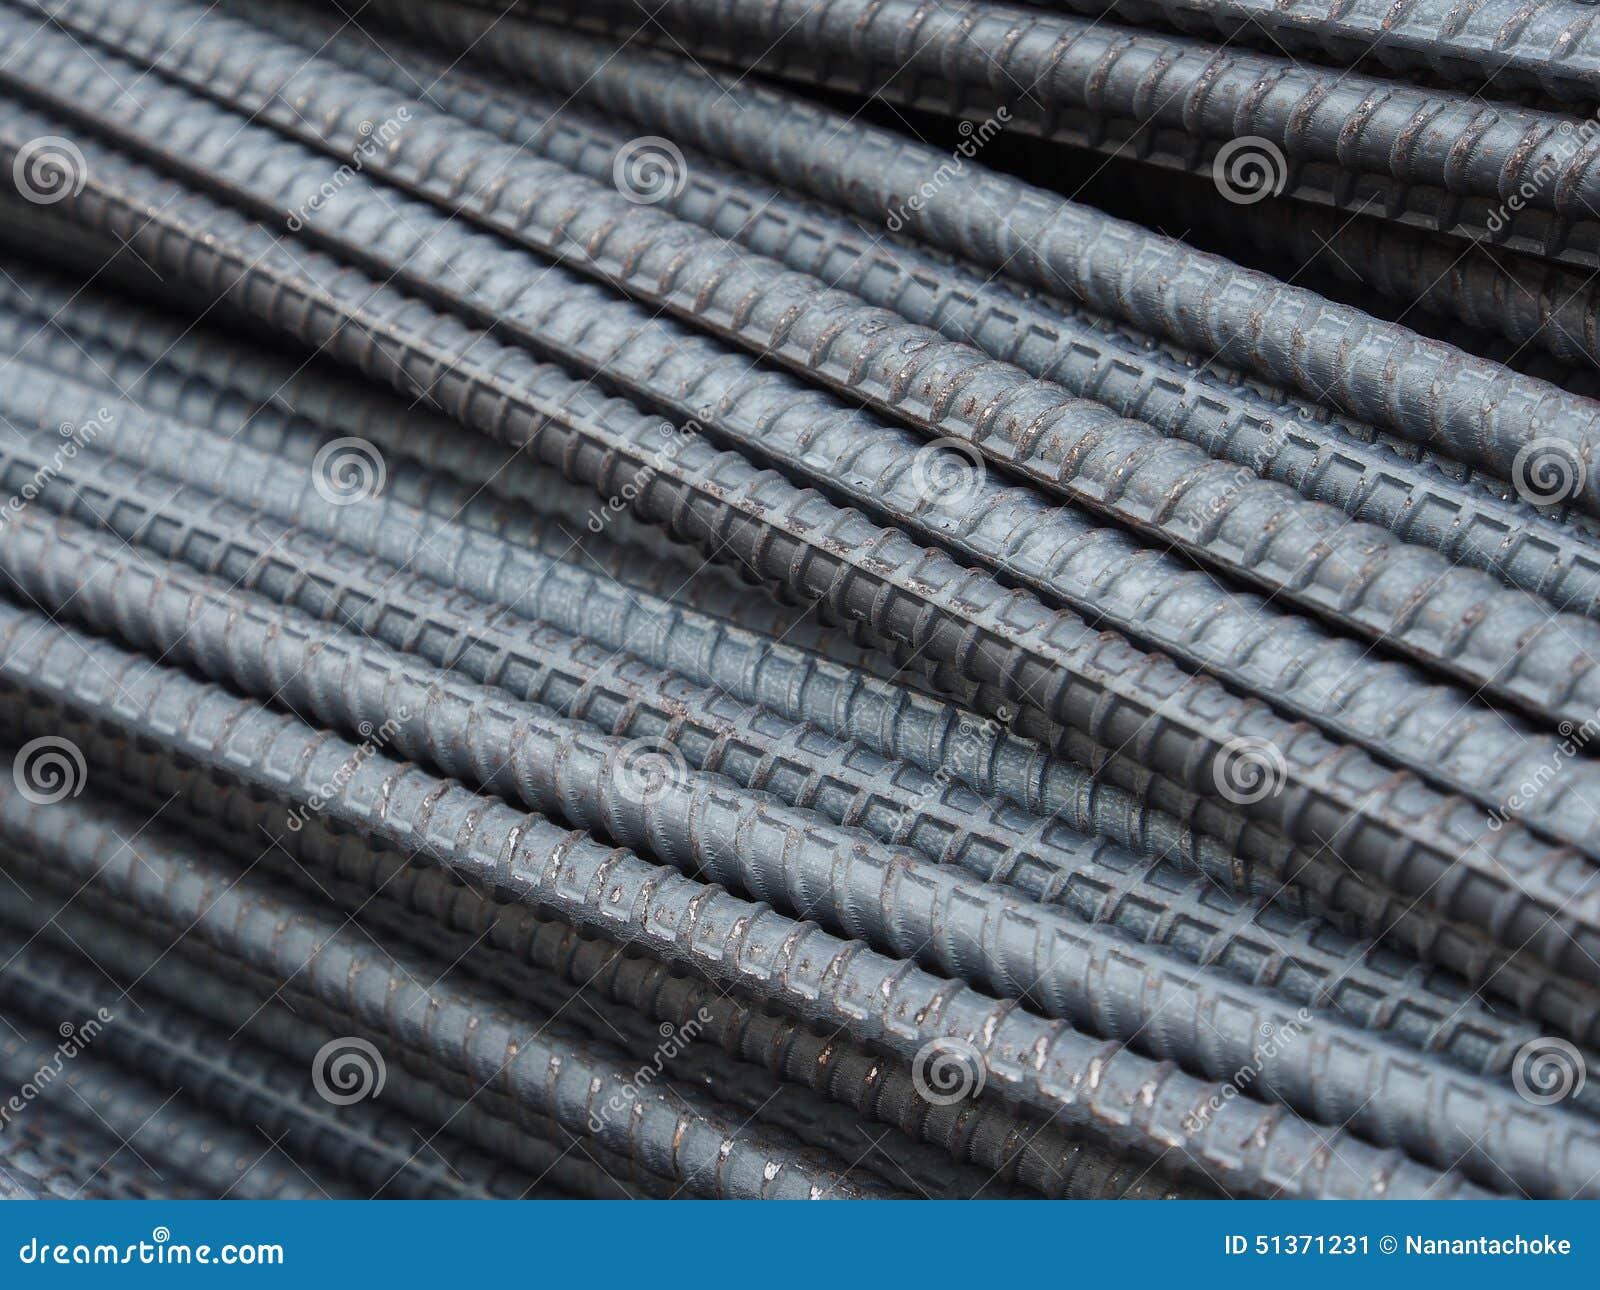 Hastes ou barras de aço usadas para reforçar o concreto